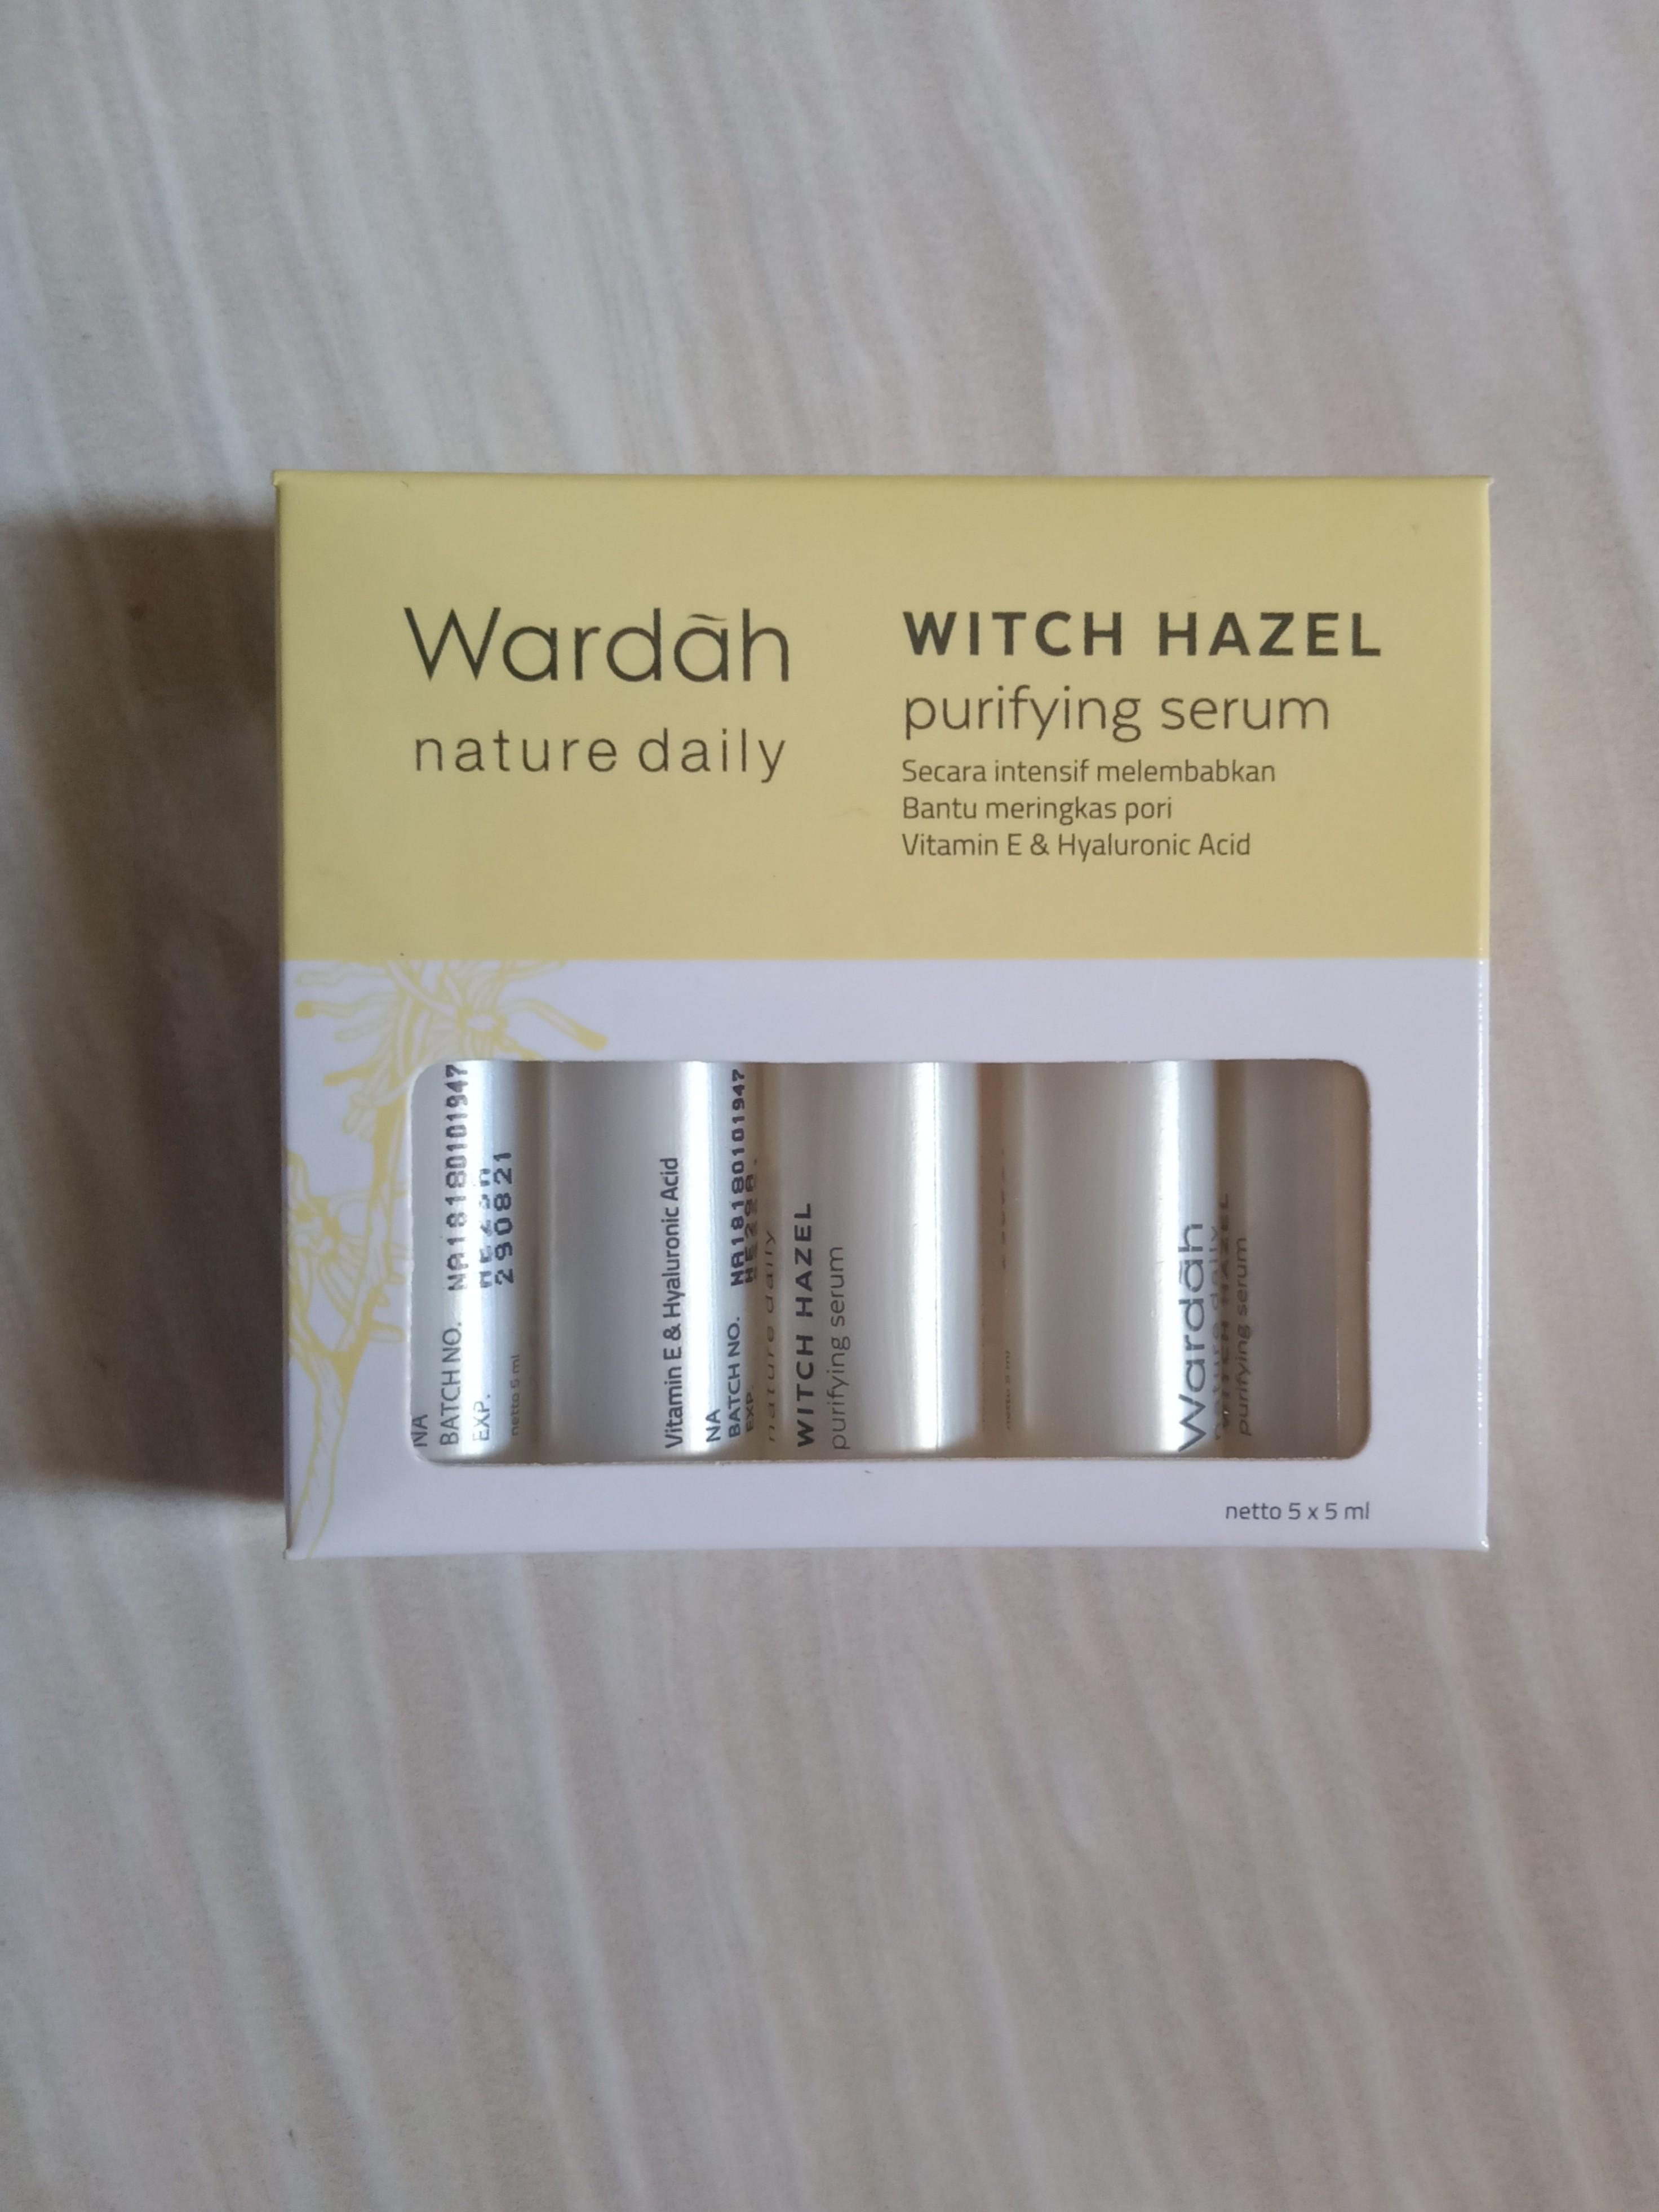 Wardah Witch Hazel Serum